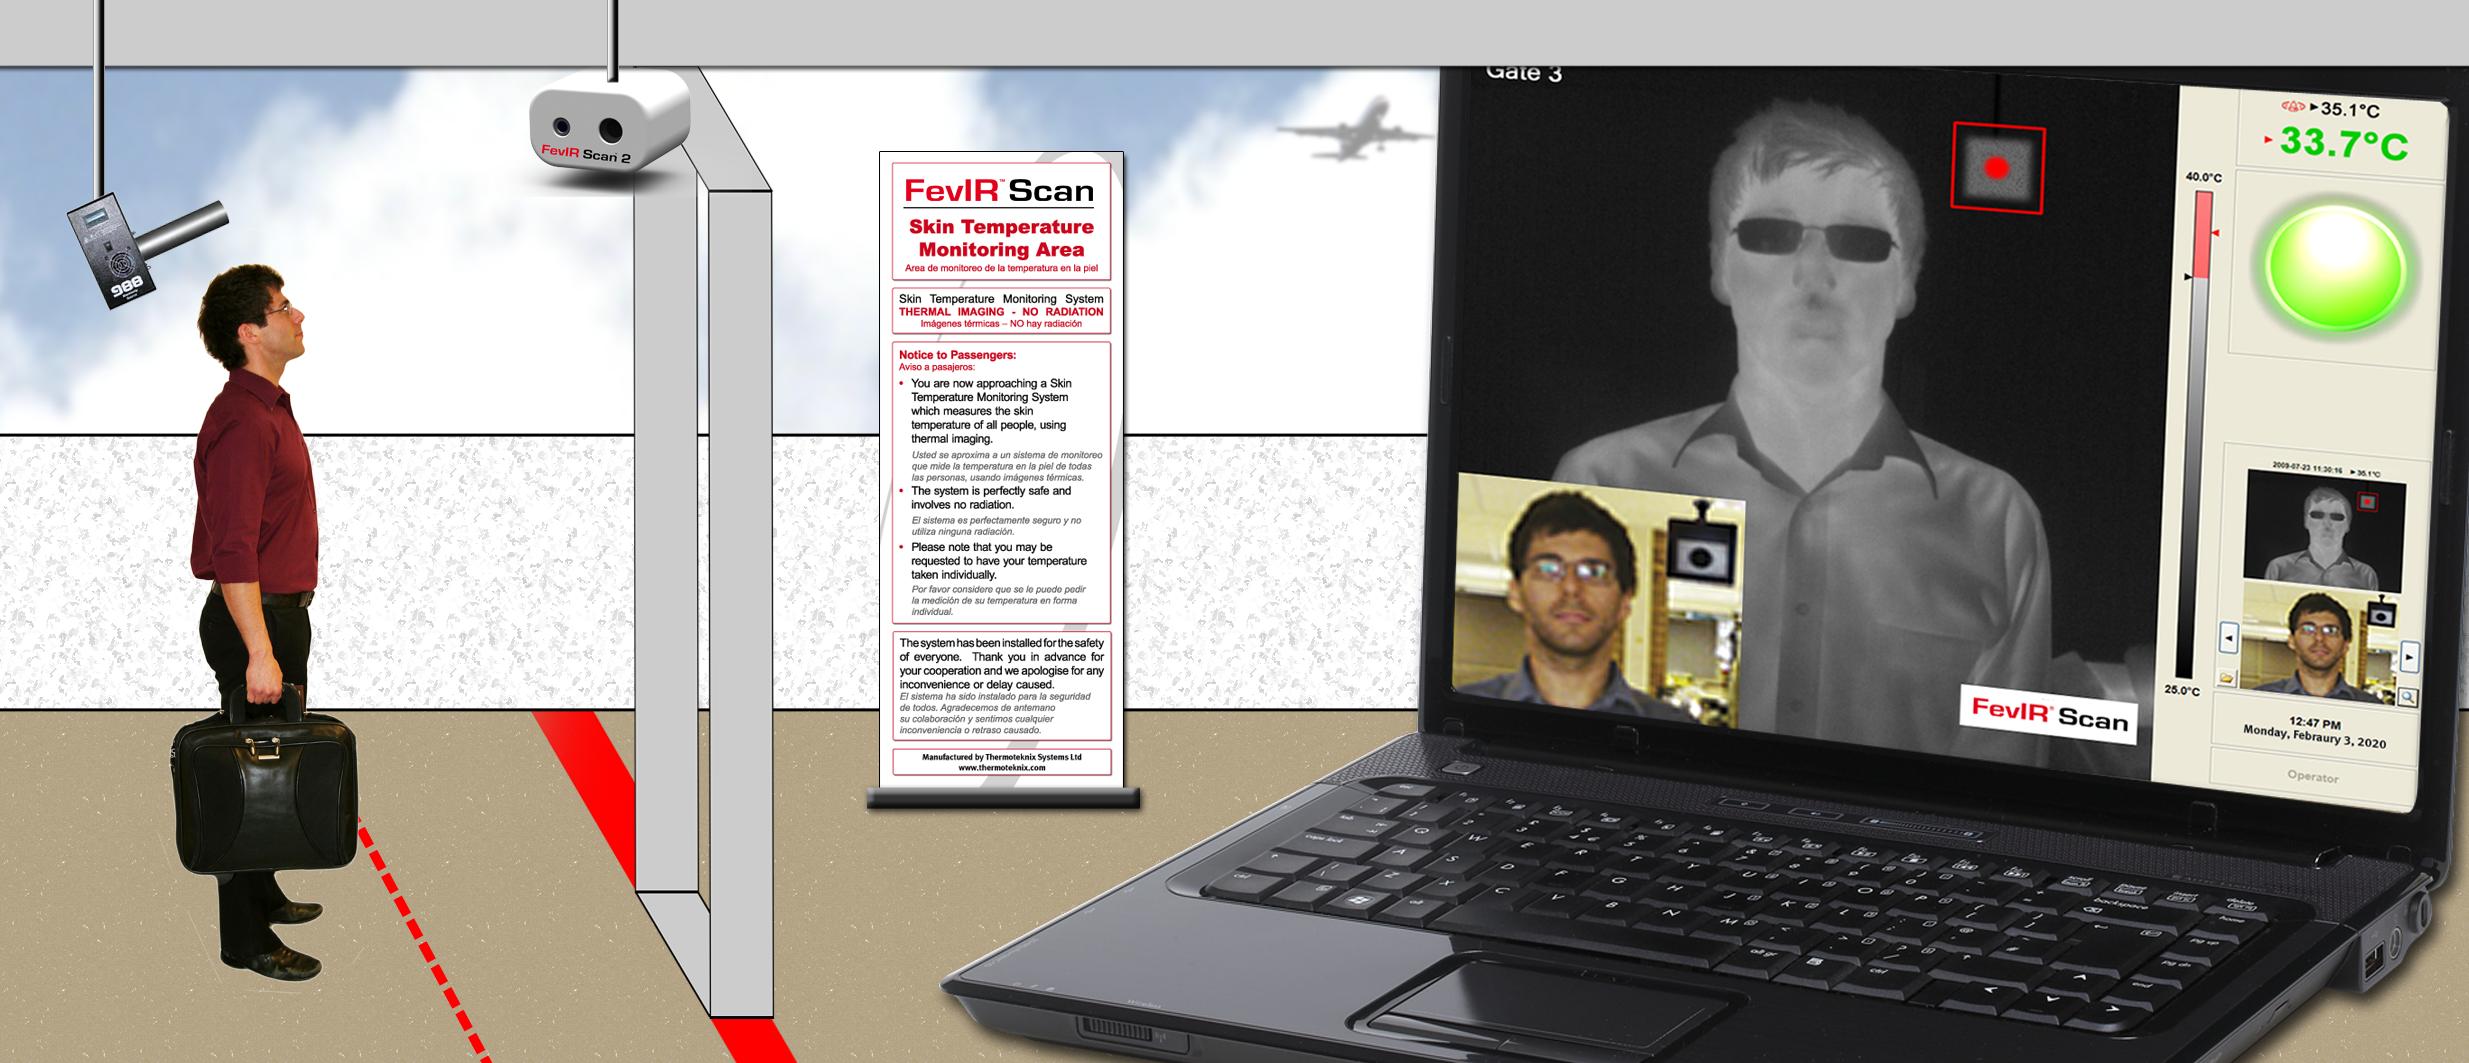 Un pasajero es escaneado por la FevIR en un aeropuerto.